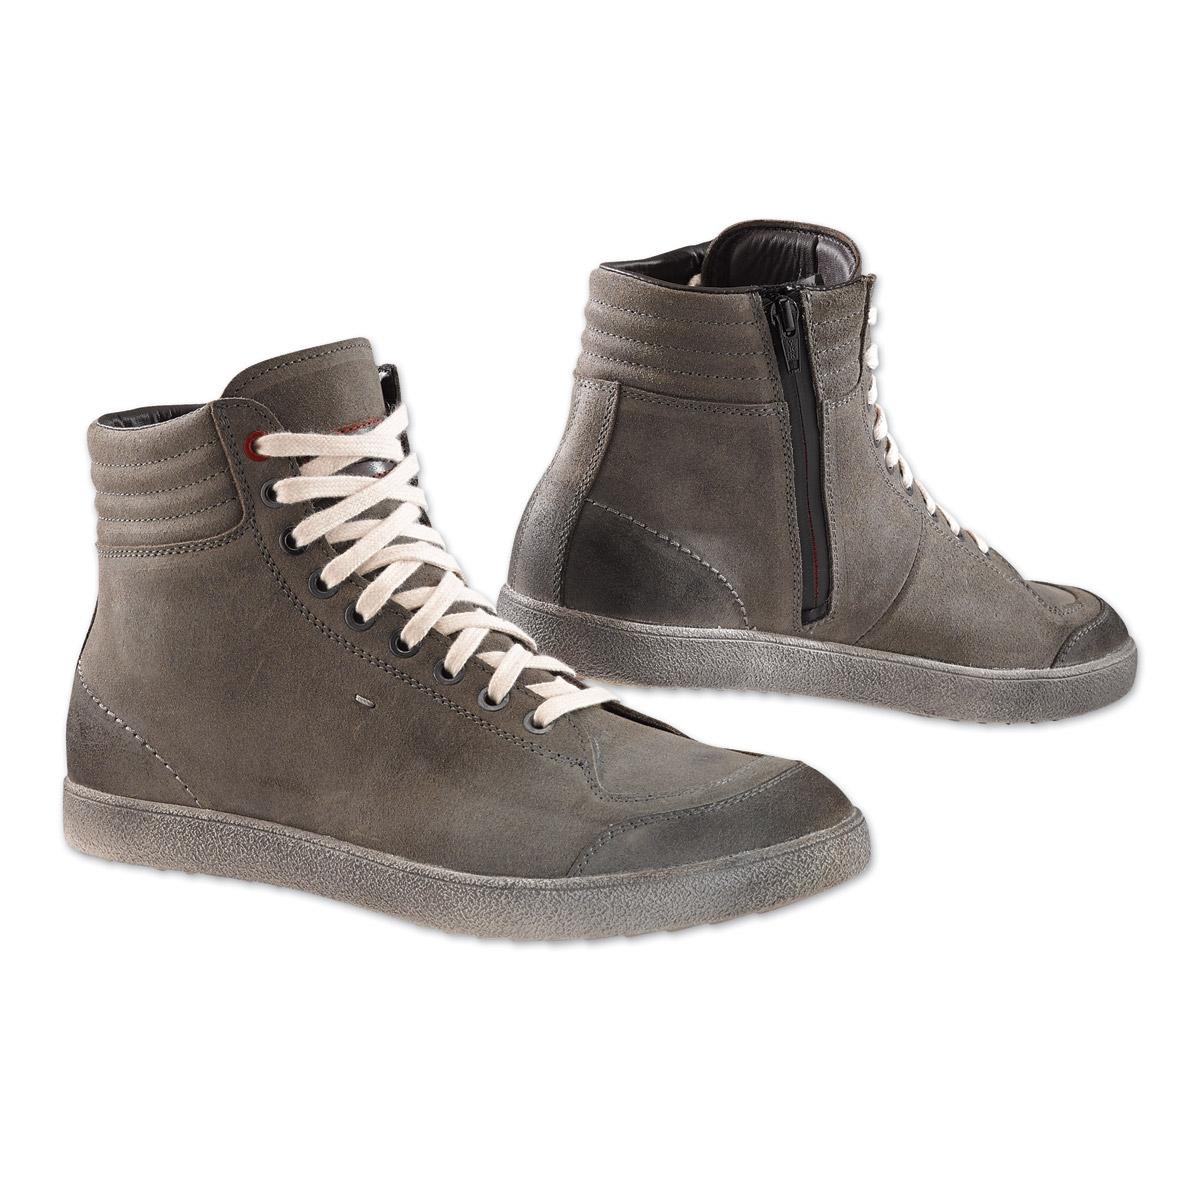 TCX X-Groove Waterproof Men's Urban Grey Shoes